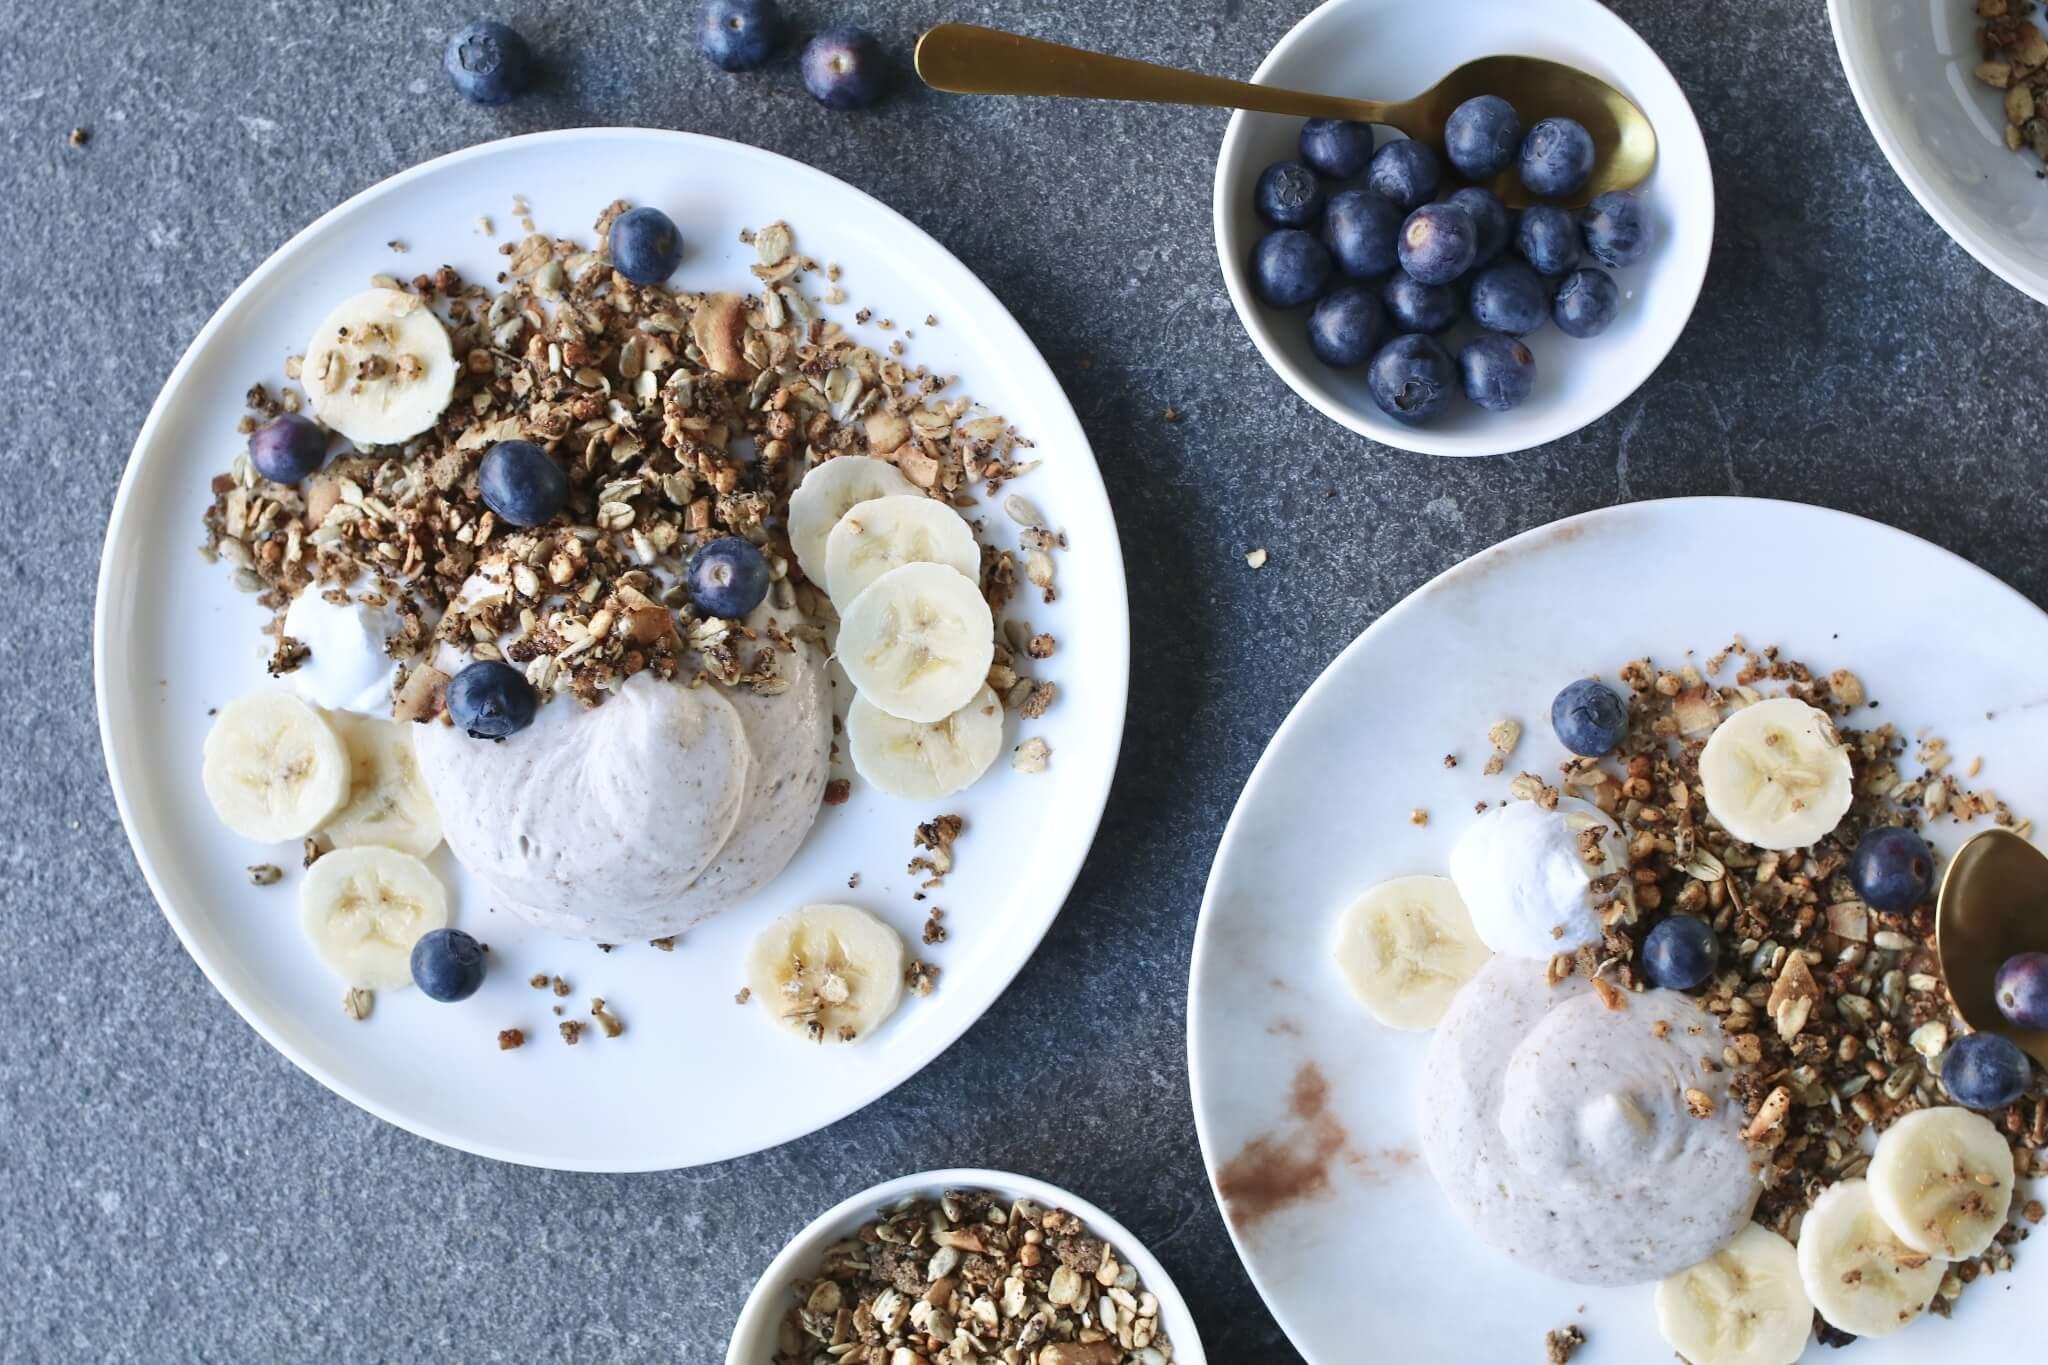 Bananenroom met koffie granola, Gezonde ontbijtjes, Granola Eat Natural, Suikervrije granola, Ontbijten zonder brood, Beaufood ontbijt, Koollhydraatarm ontbijt, Gezond en lekker ontbijt, Gezonde foodblogs